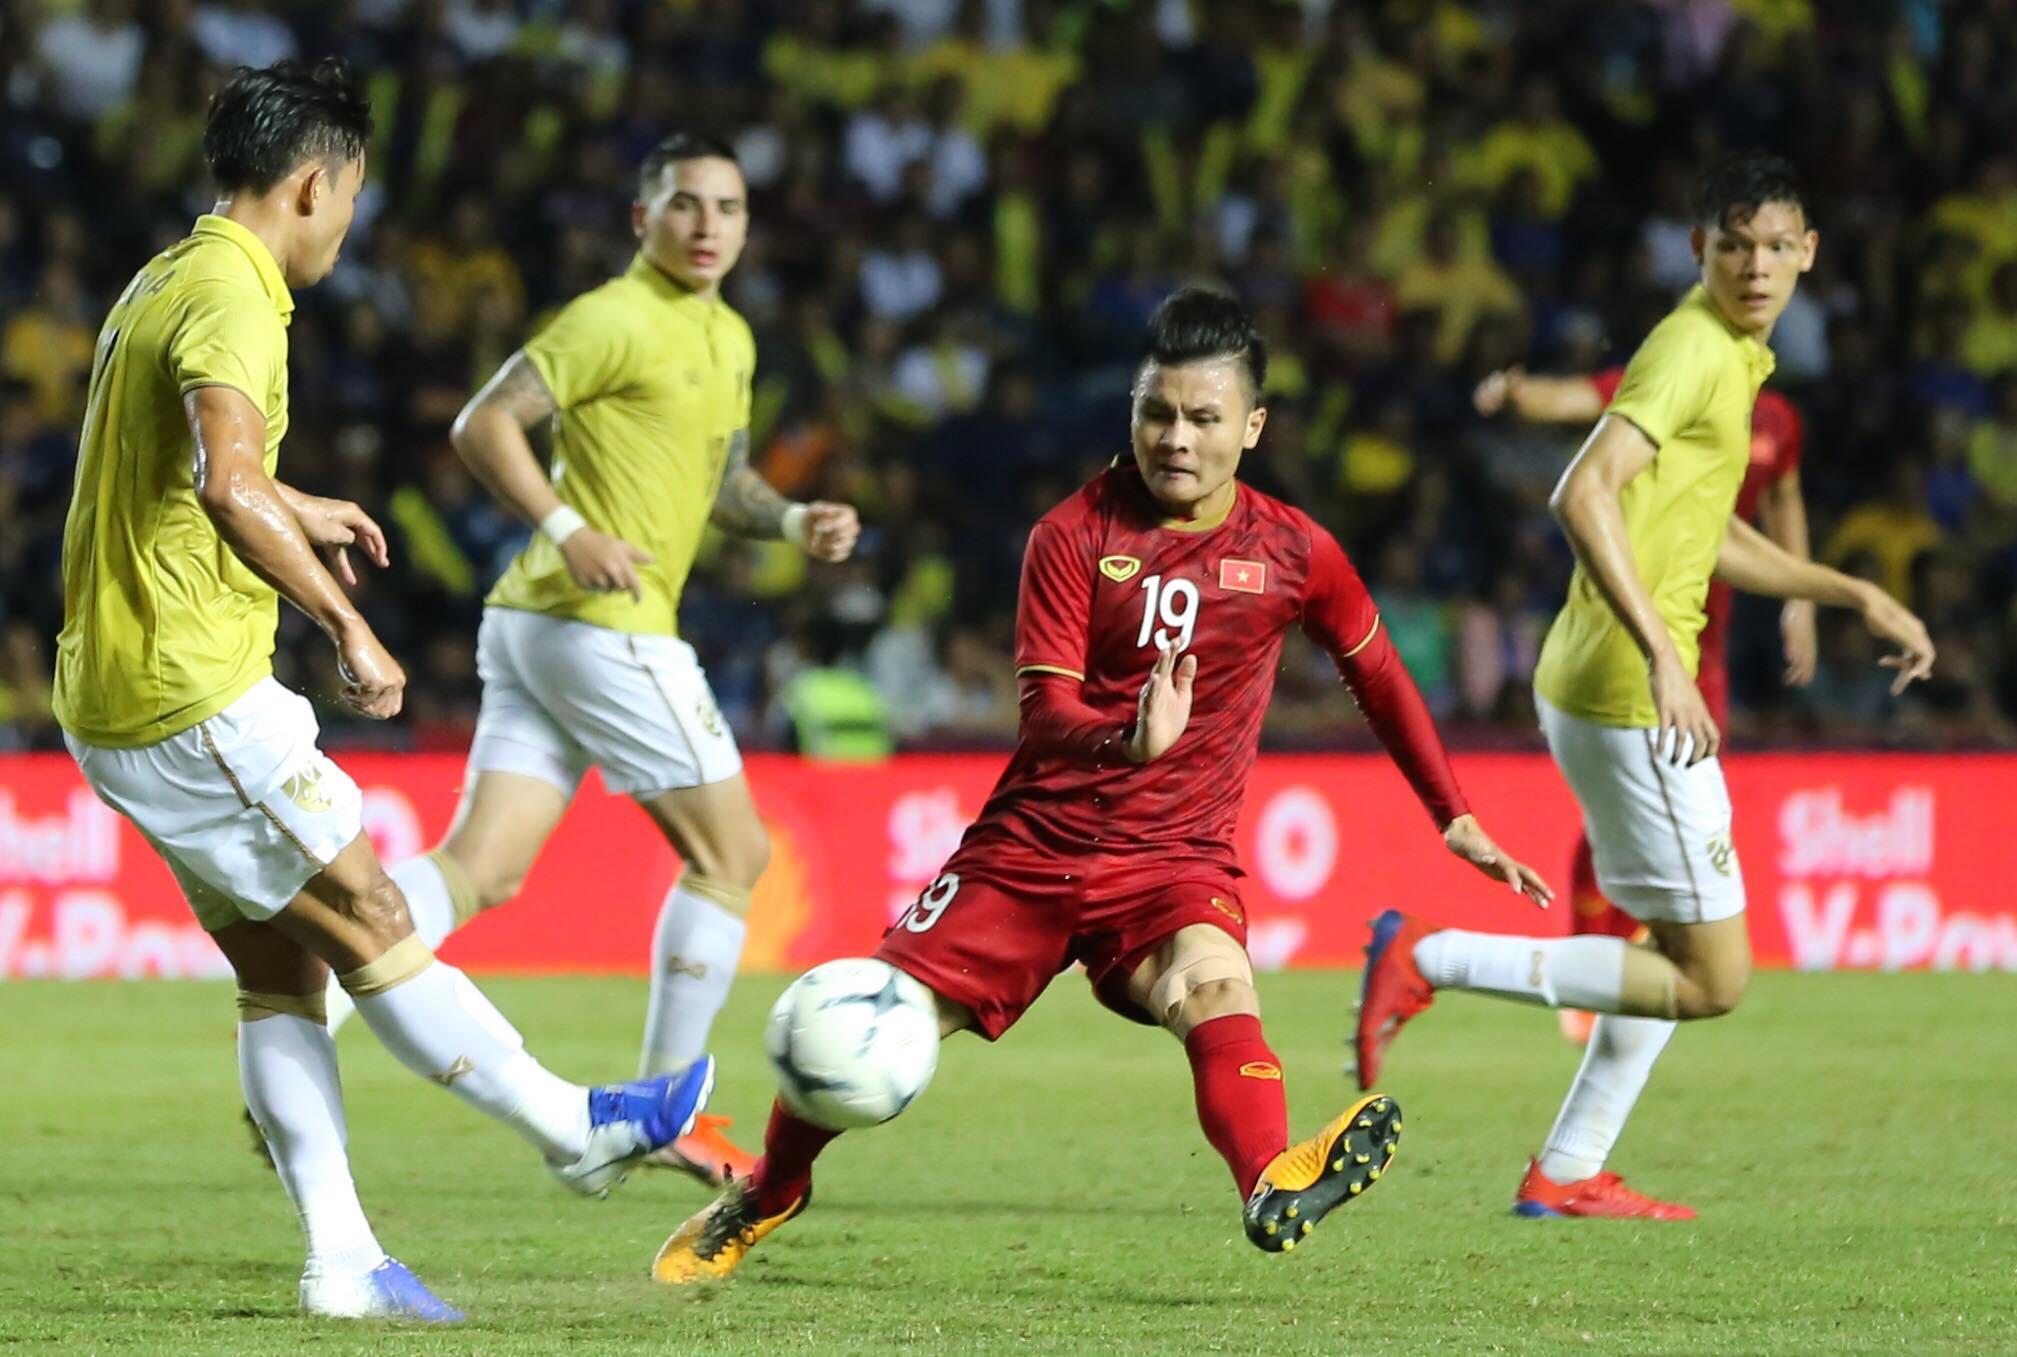 Thái Lan đã cho Việt Nam thấy tầm vóc và trình độ ở VL World Cup